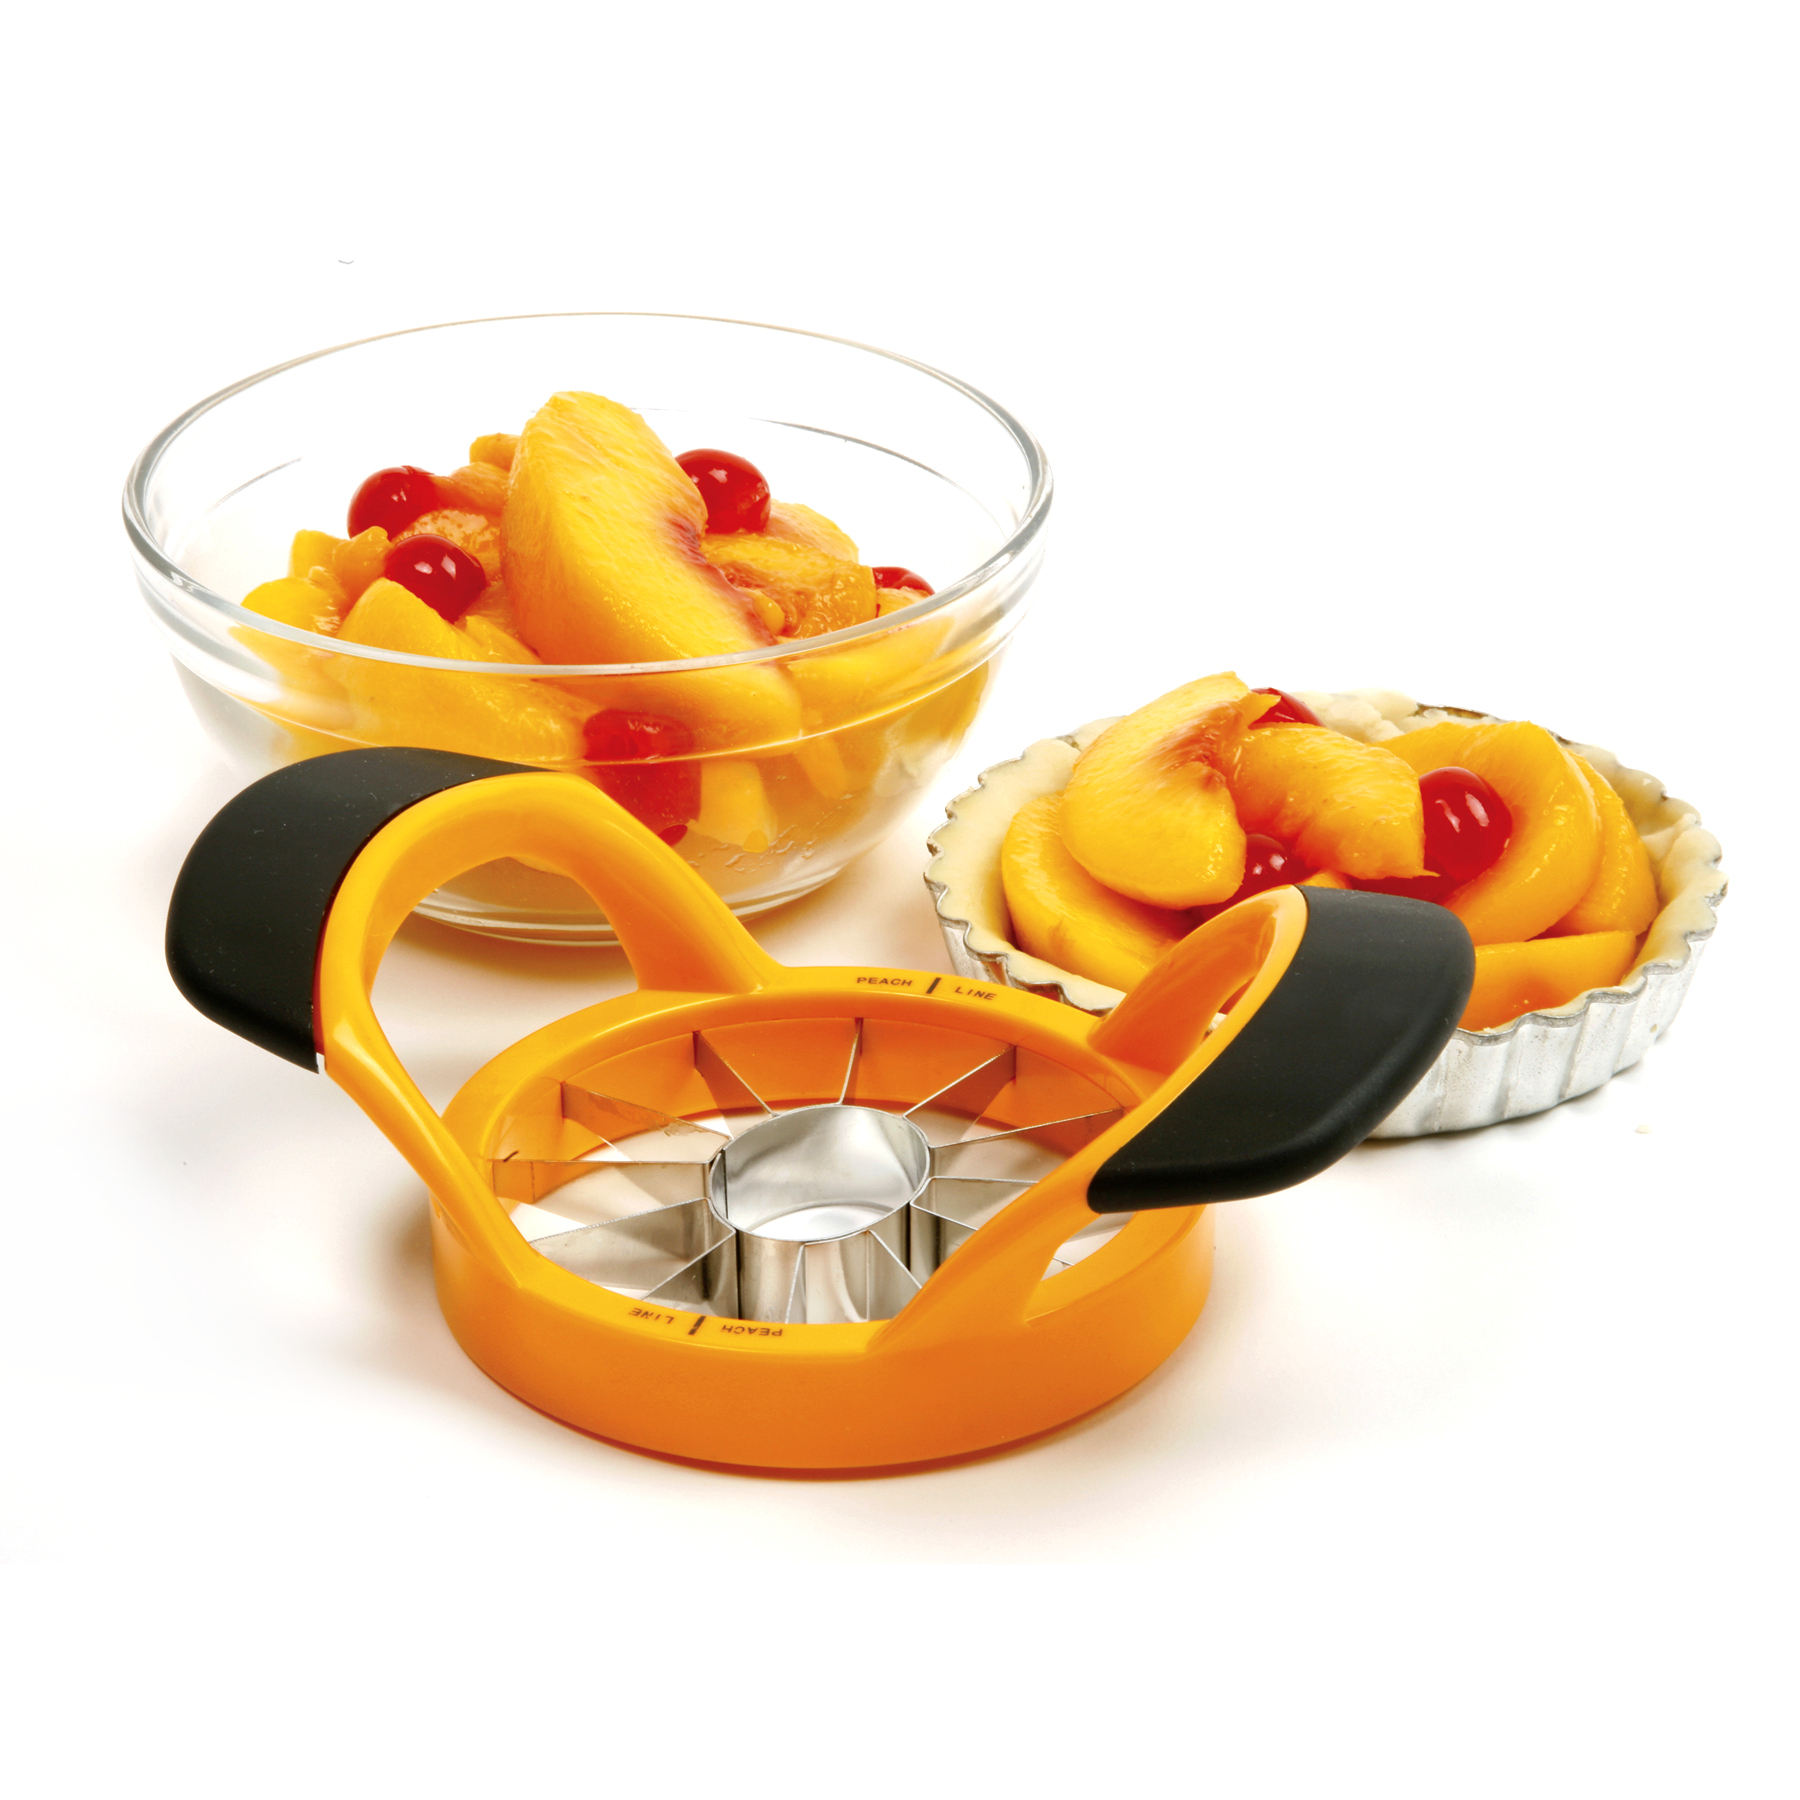 Norpro Grip-EZ Orange Stainless Steel Peach Wedger